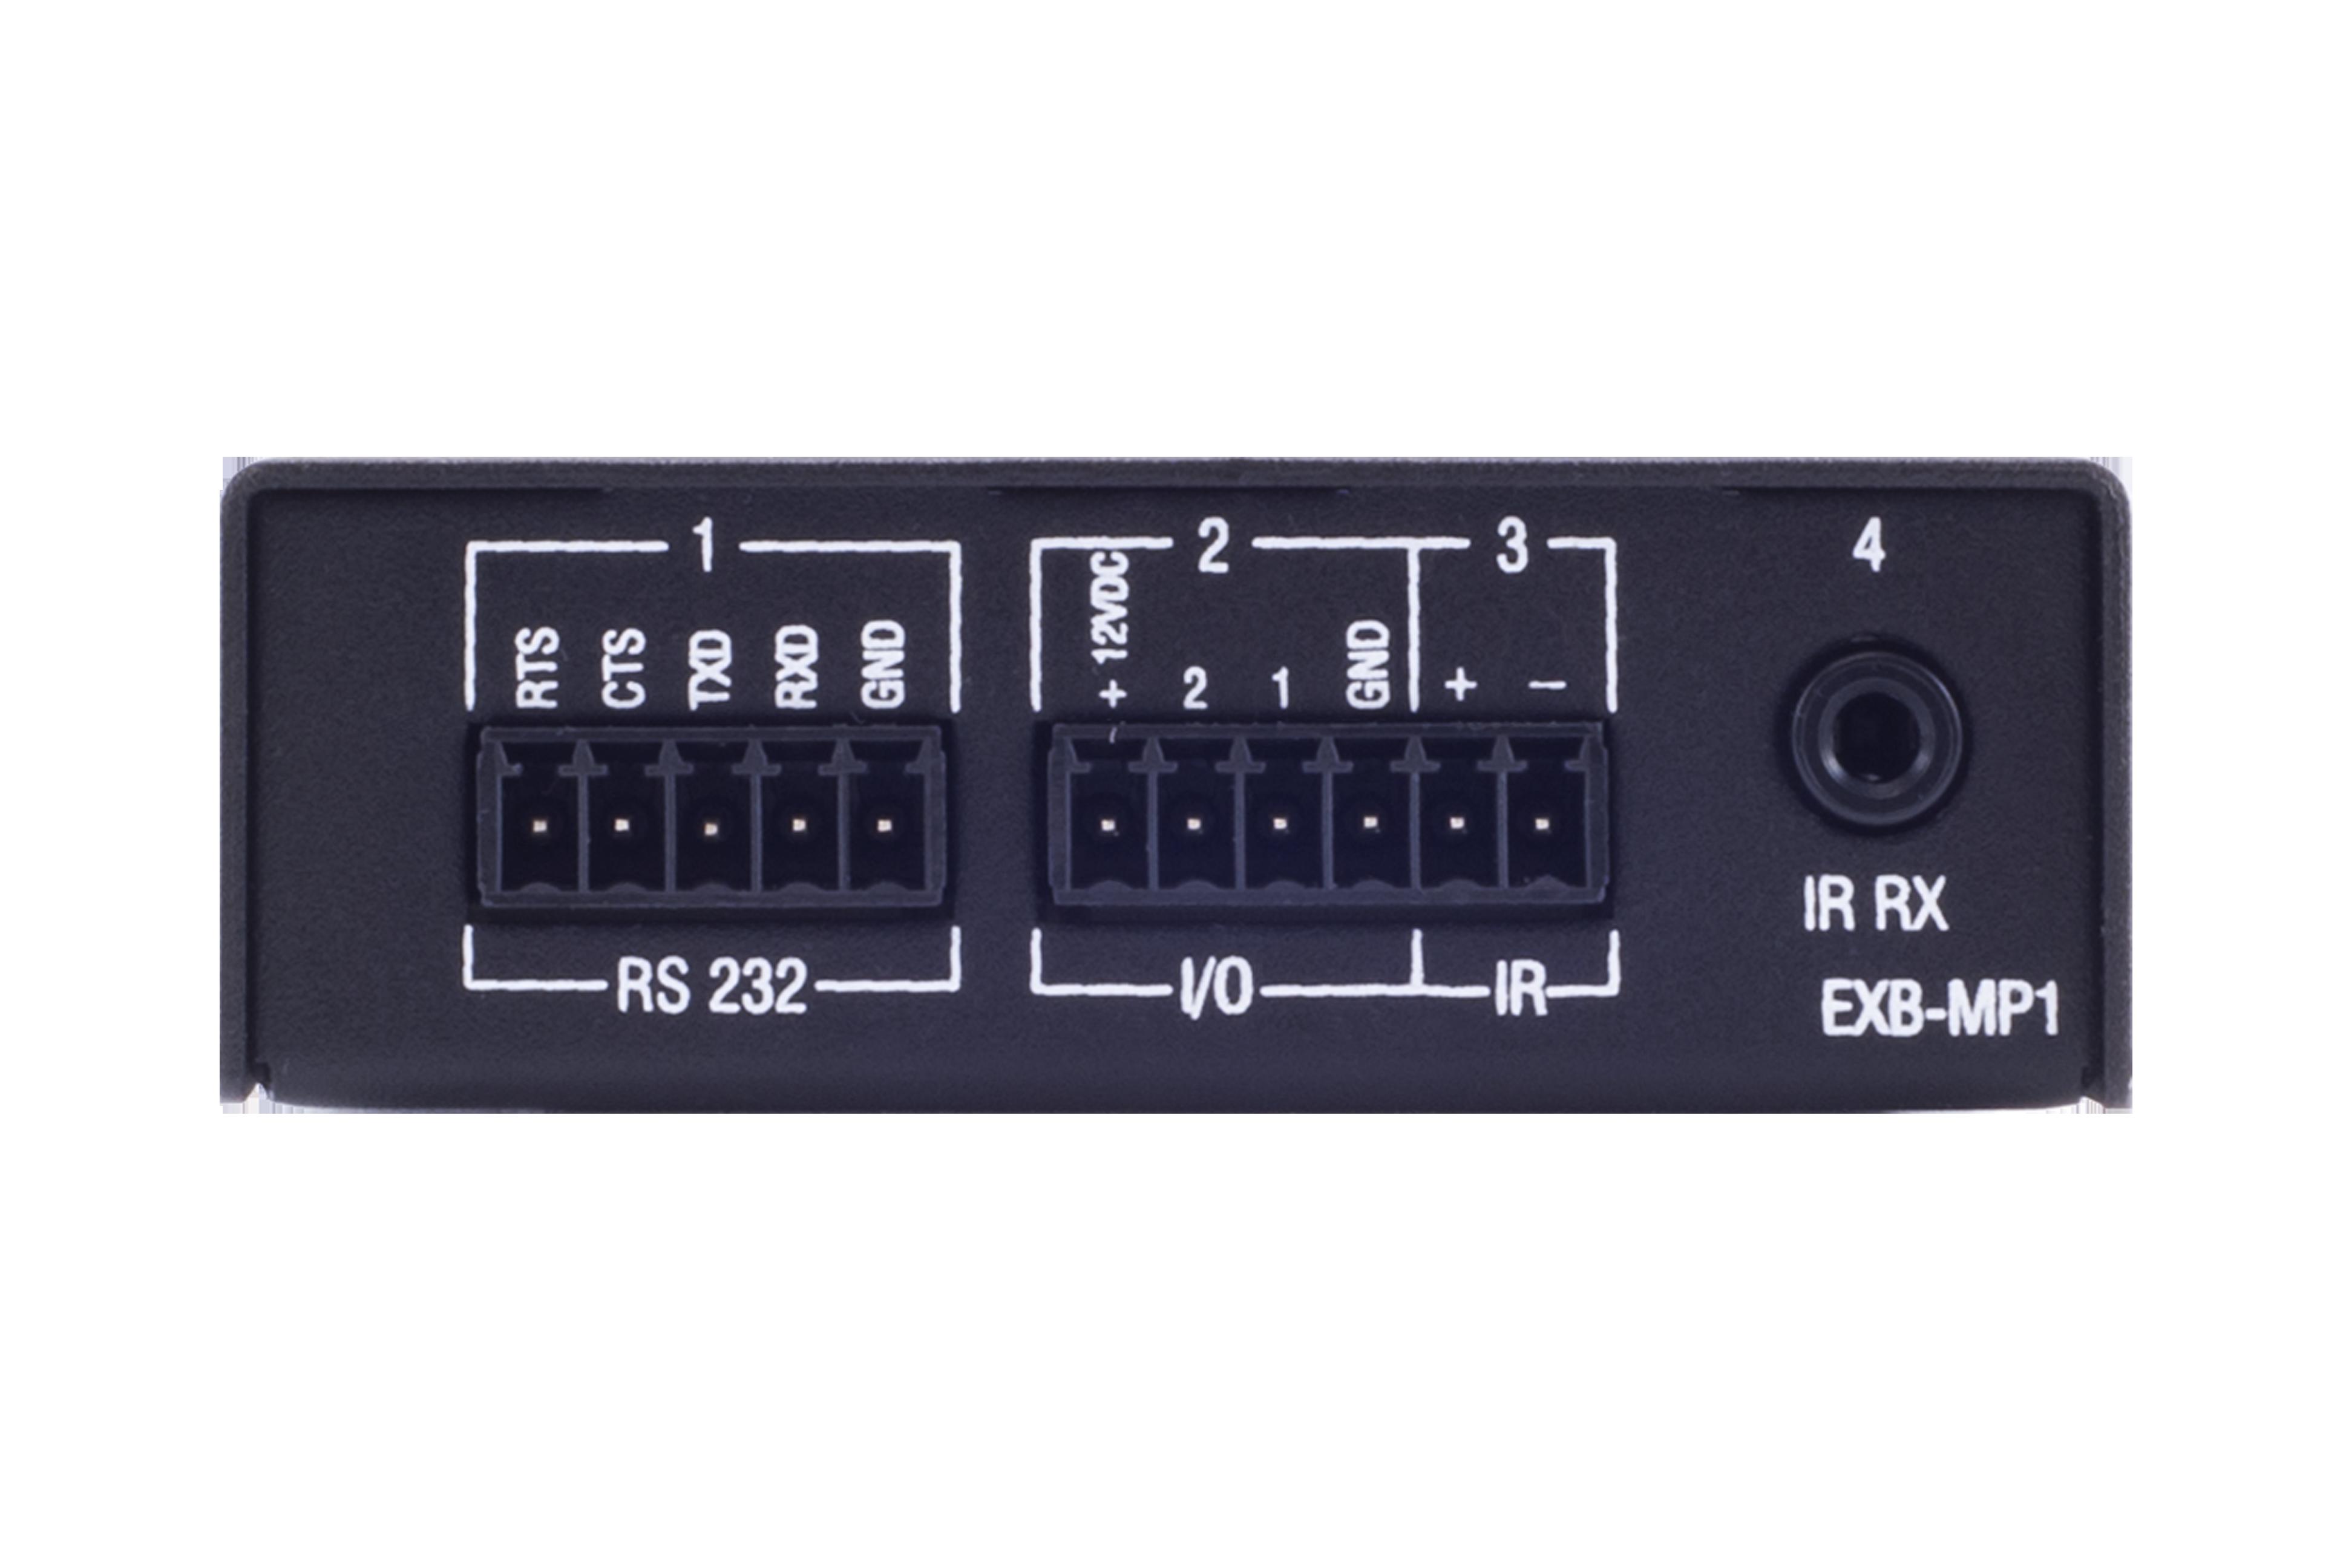 EXB-MP1 - Rear